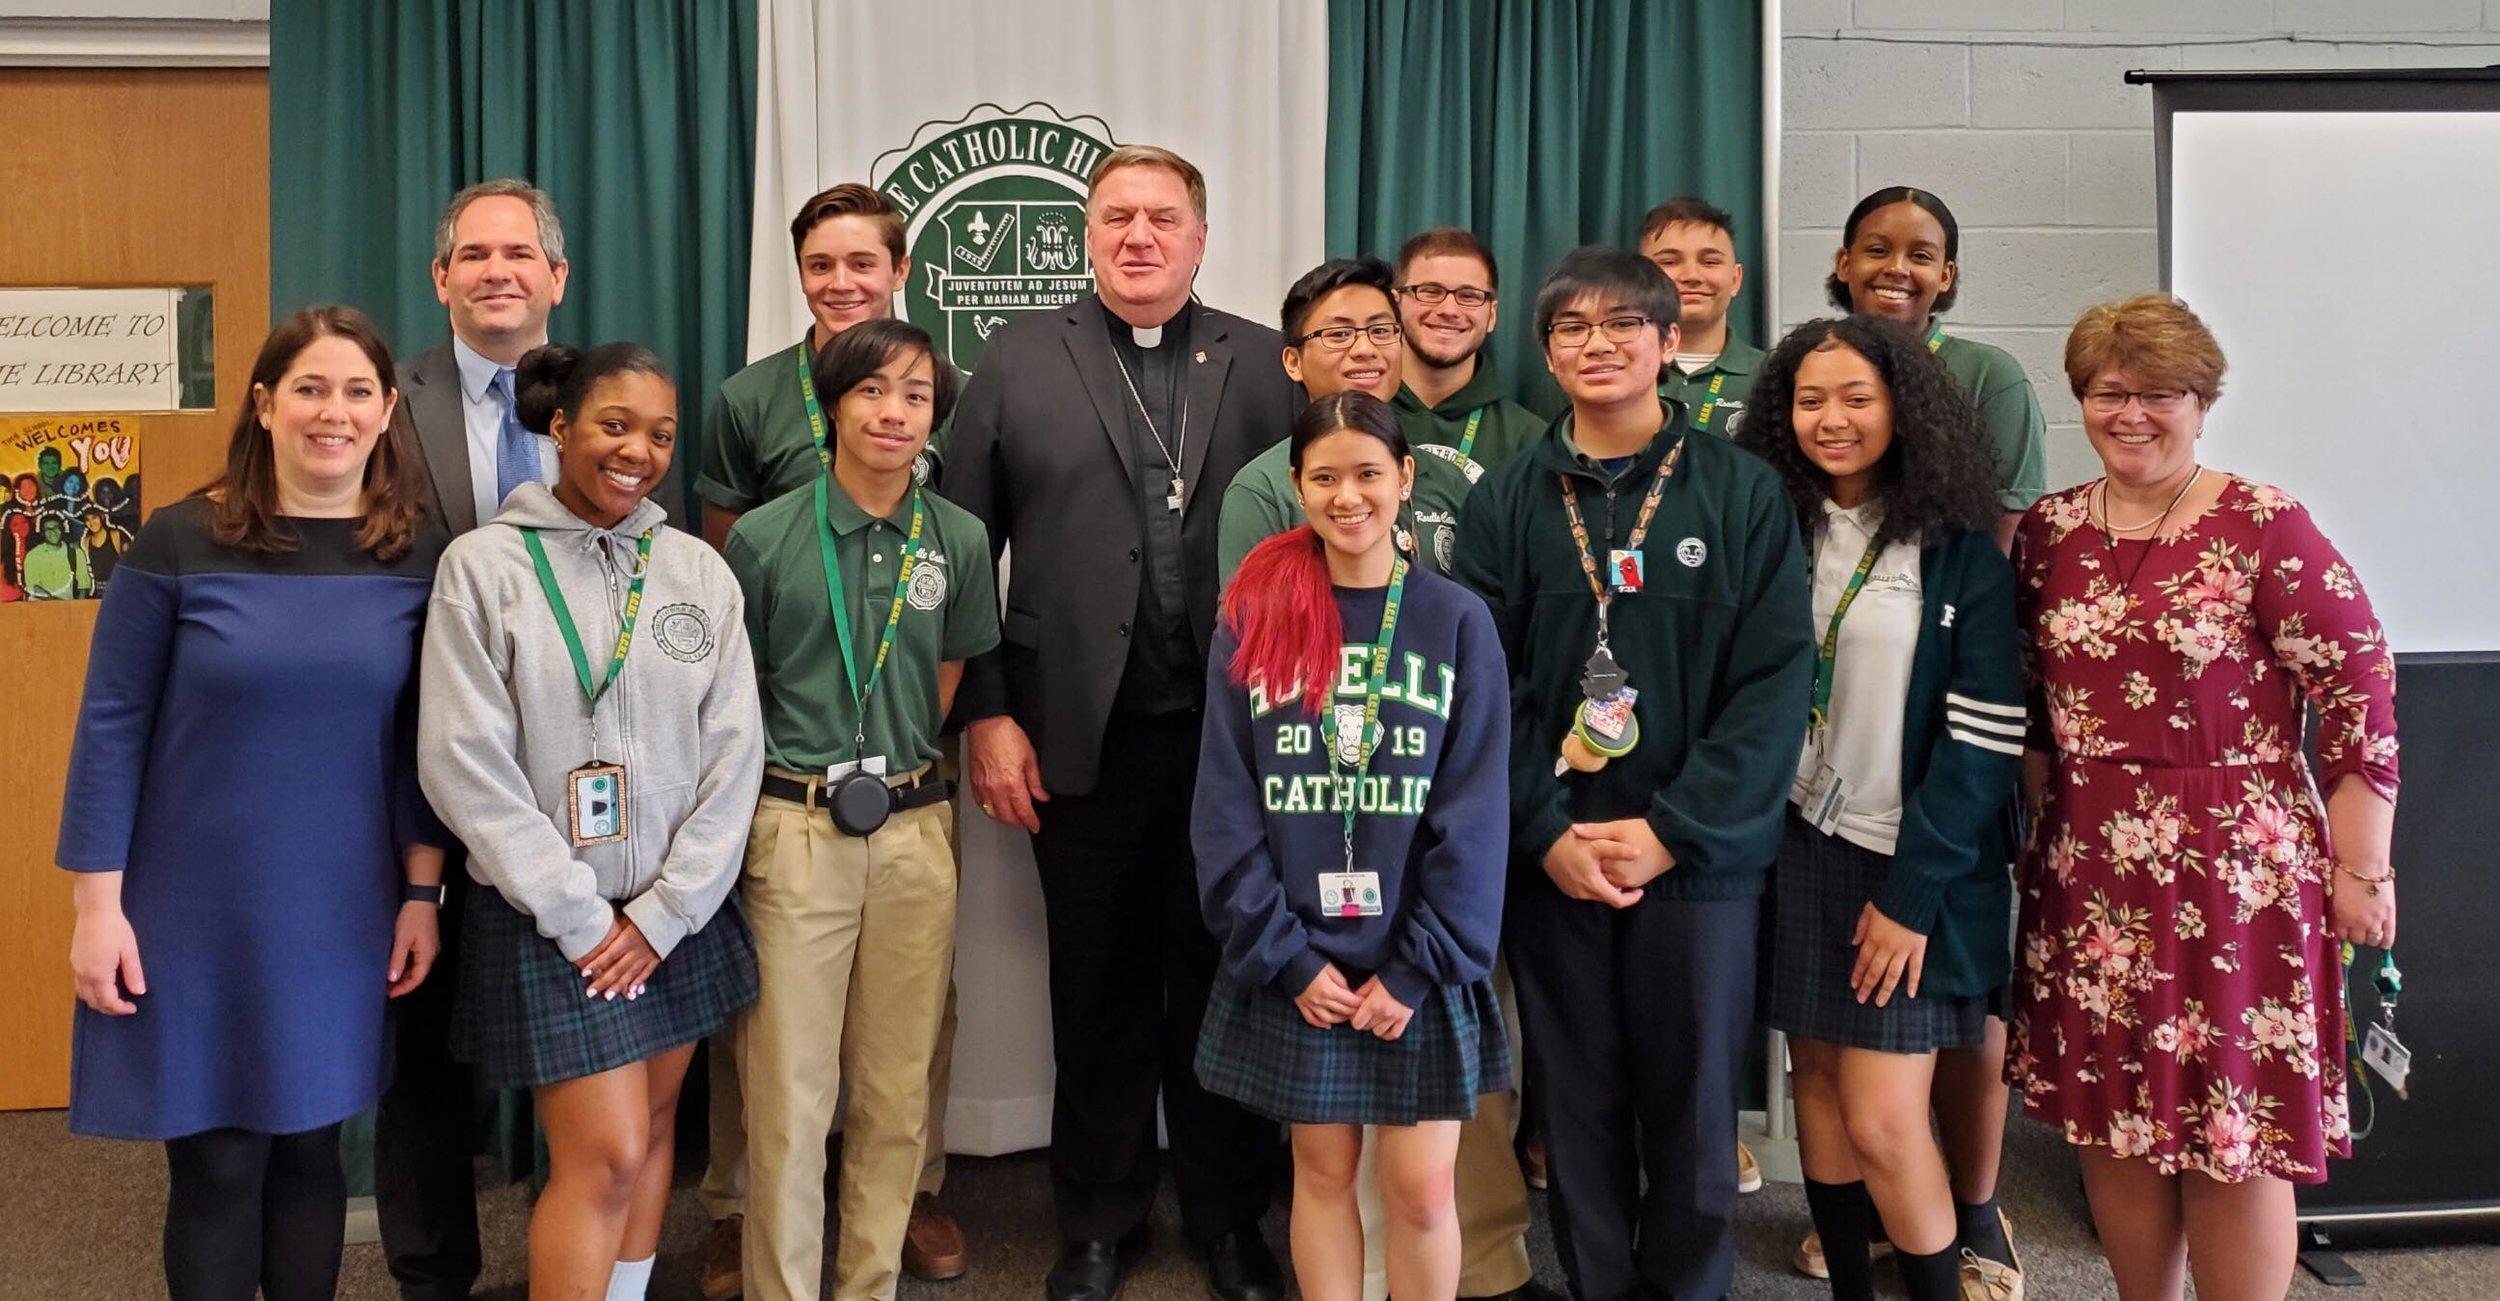 Veterans Honor Roll — Roselle Catholic High School